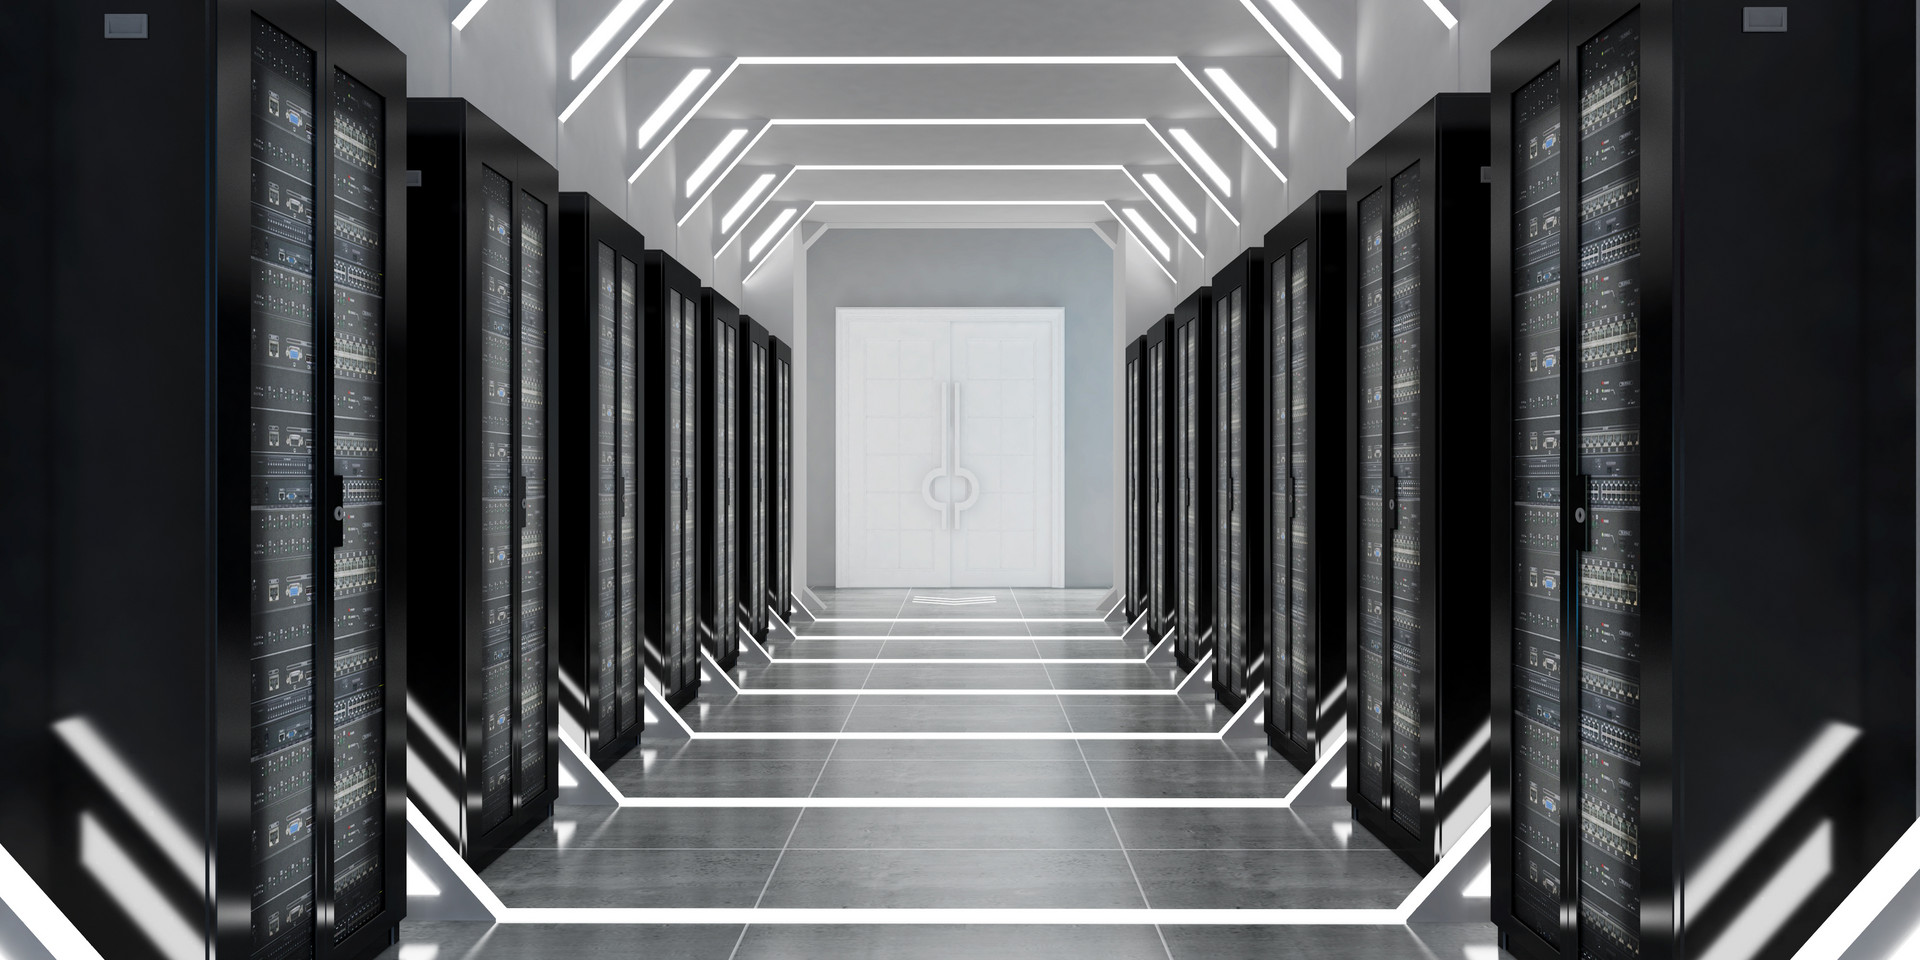 建站服务器选择香港服务器租用还是云服务器?